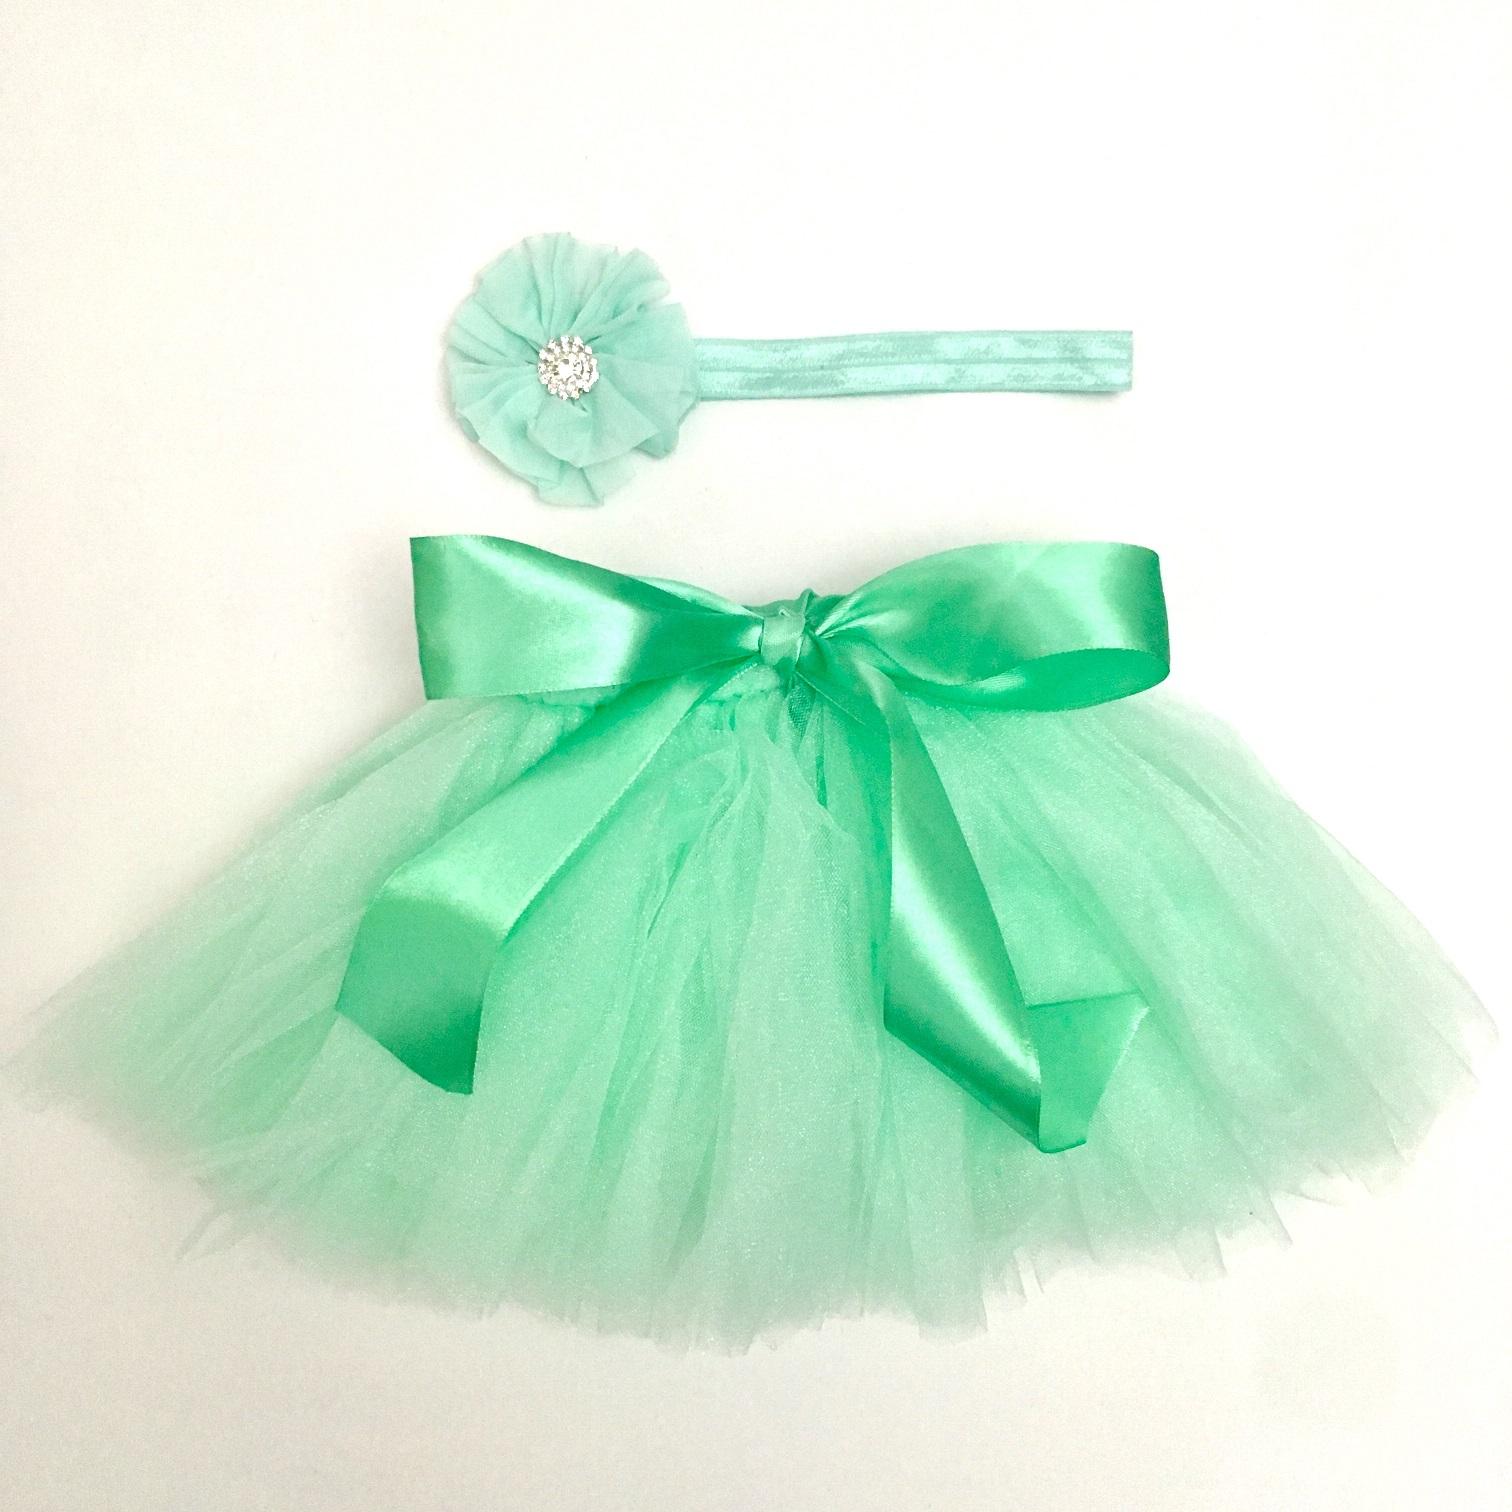 6d1003f3be81 Tutu suknička pre bábätko zelená II. (0-2 mesiace) - jupitershop.sk